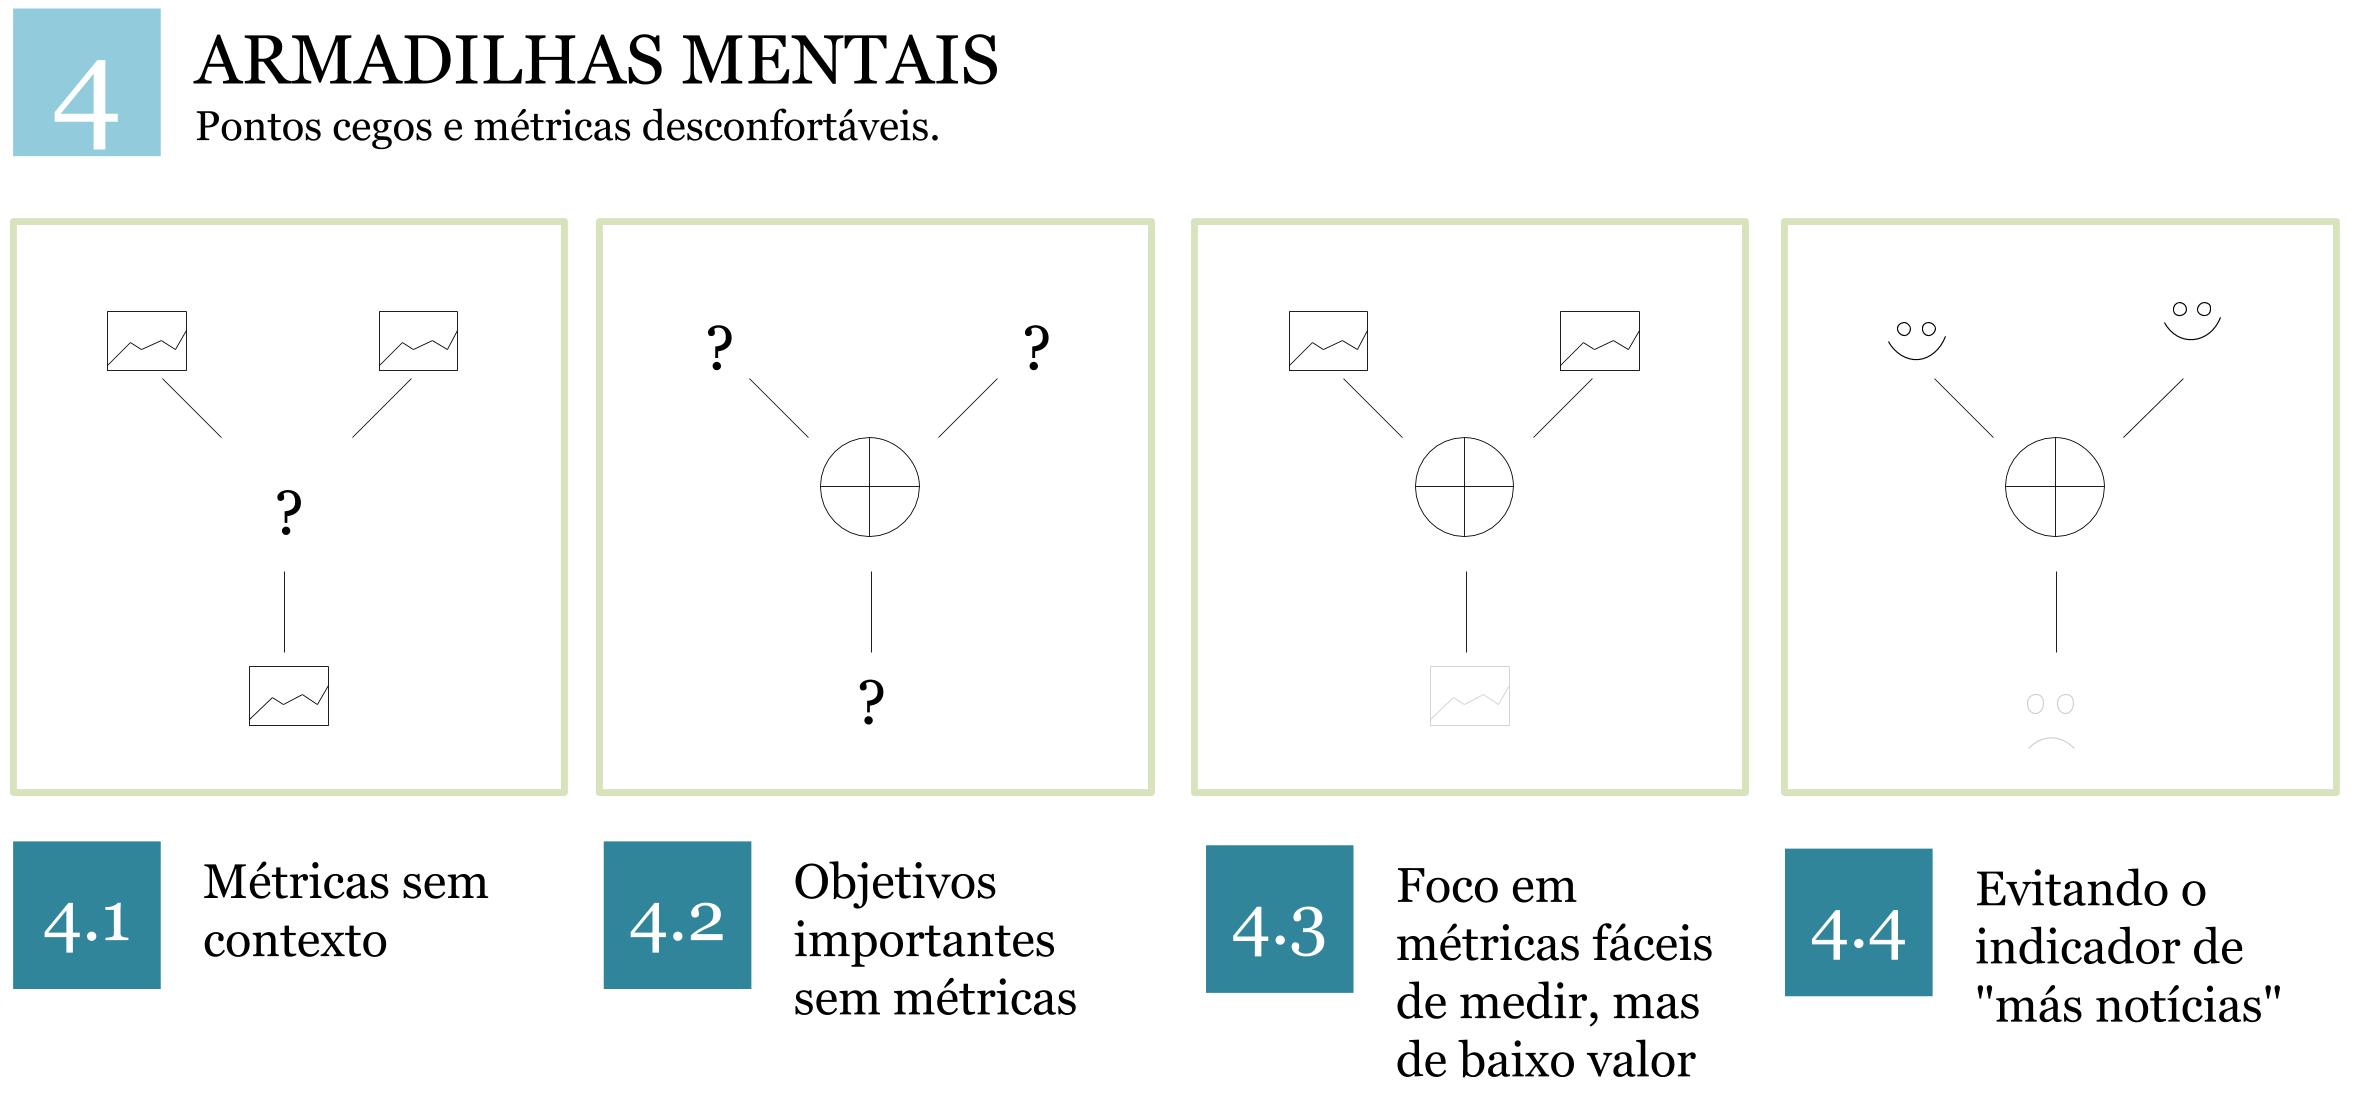 Mental Sistema KPI de interceptações